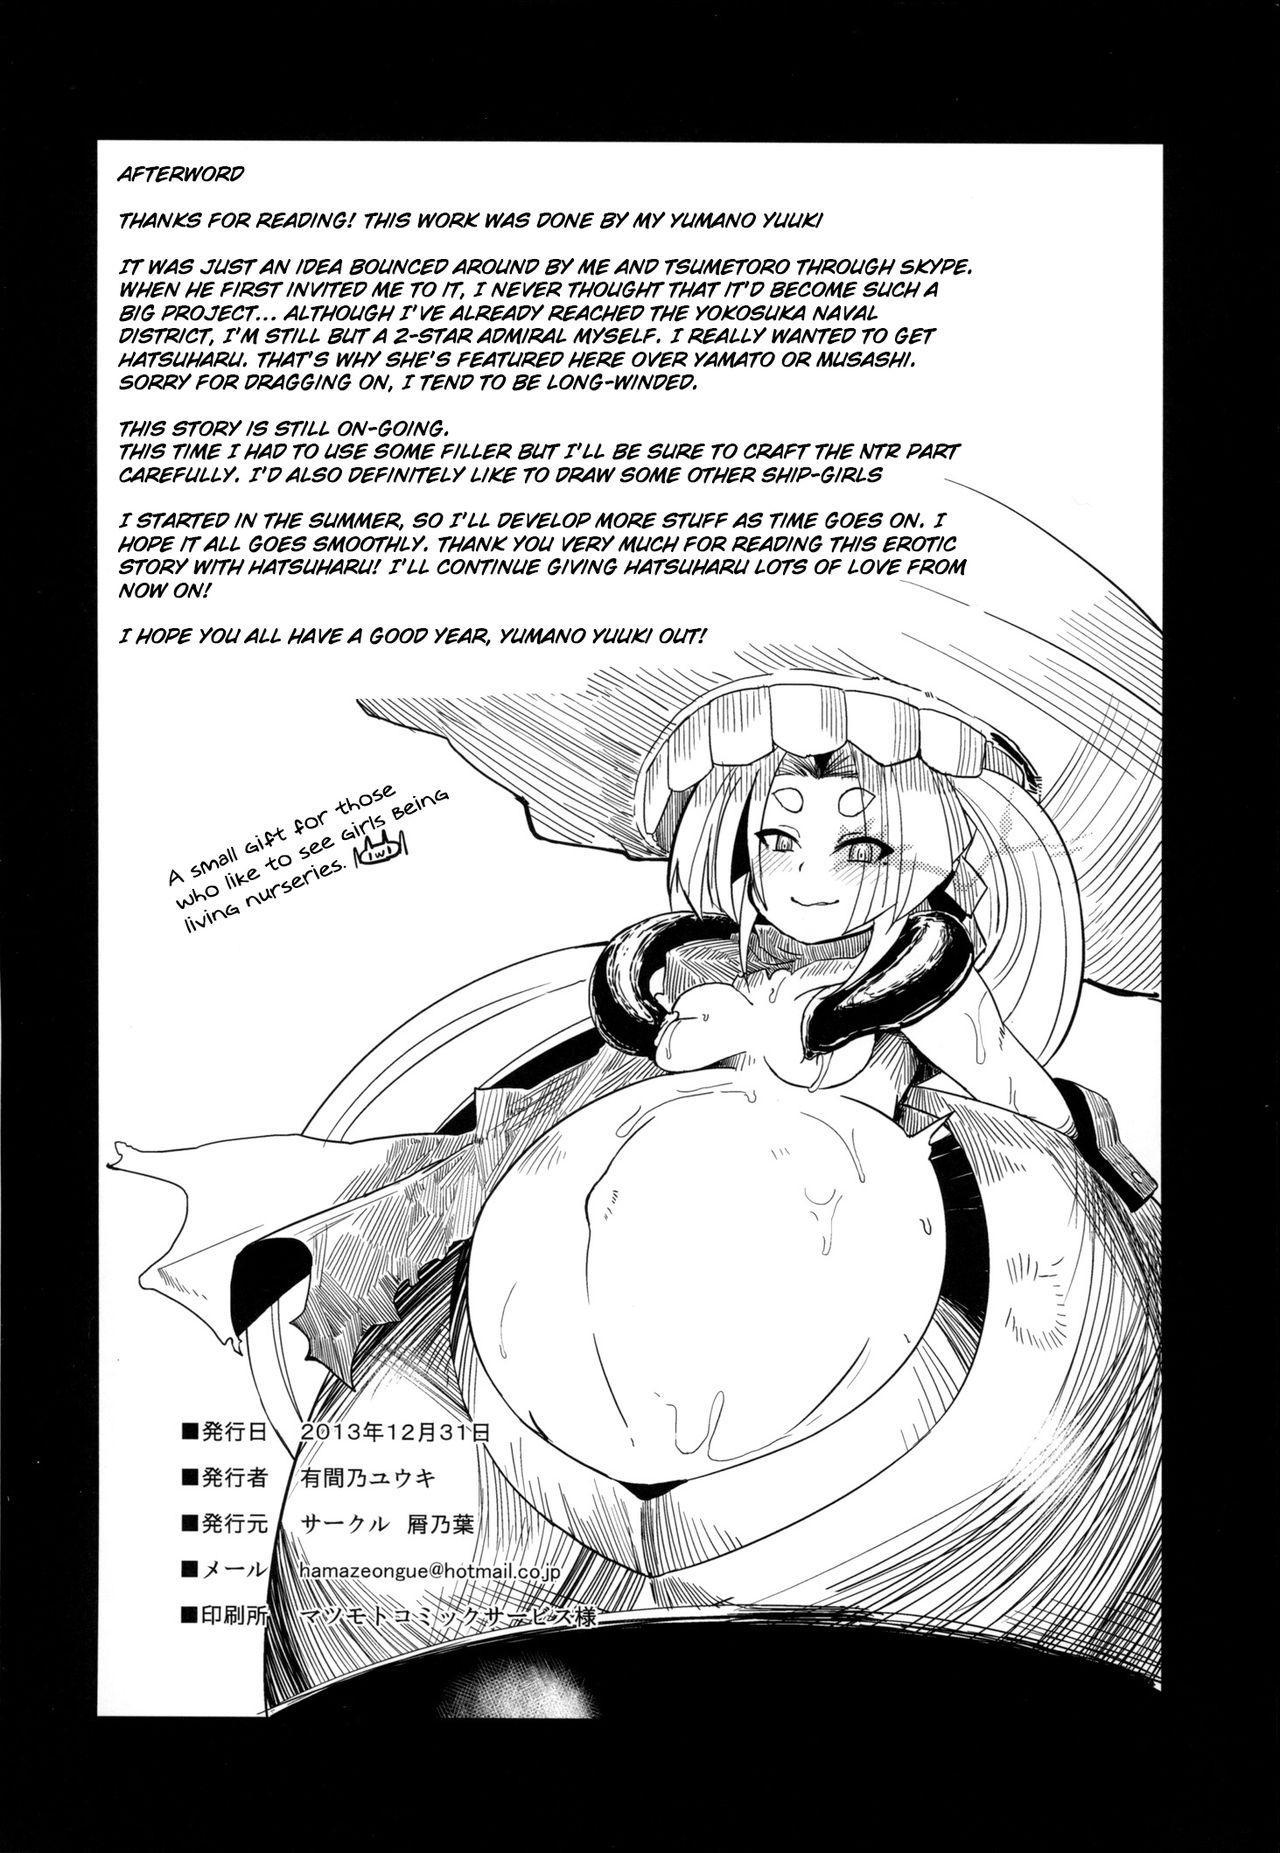 Dorei Shoufukan Hatsuharu | The Ship-Girl Hatsuharu Becomes an Enslaved Whore. 24